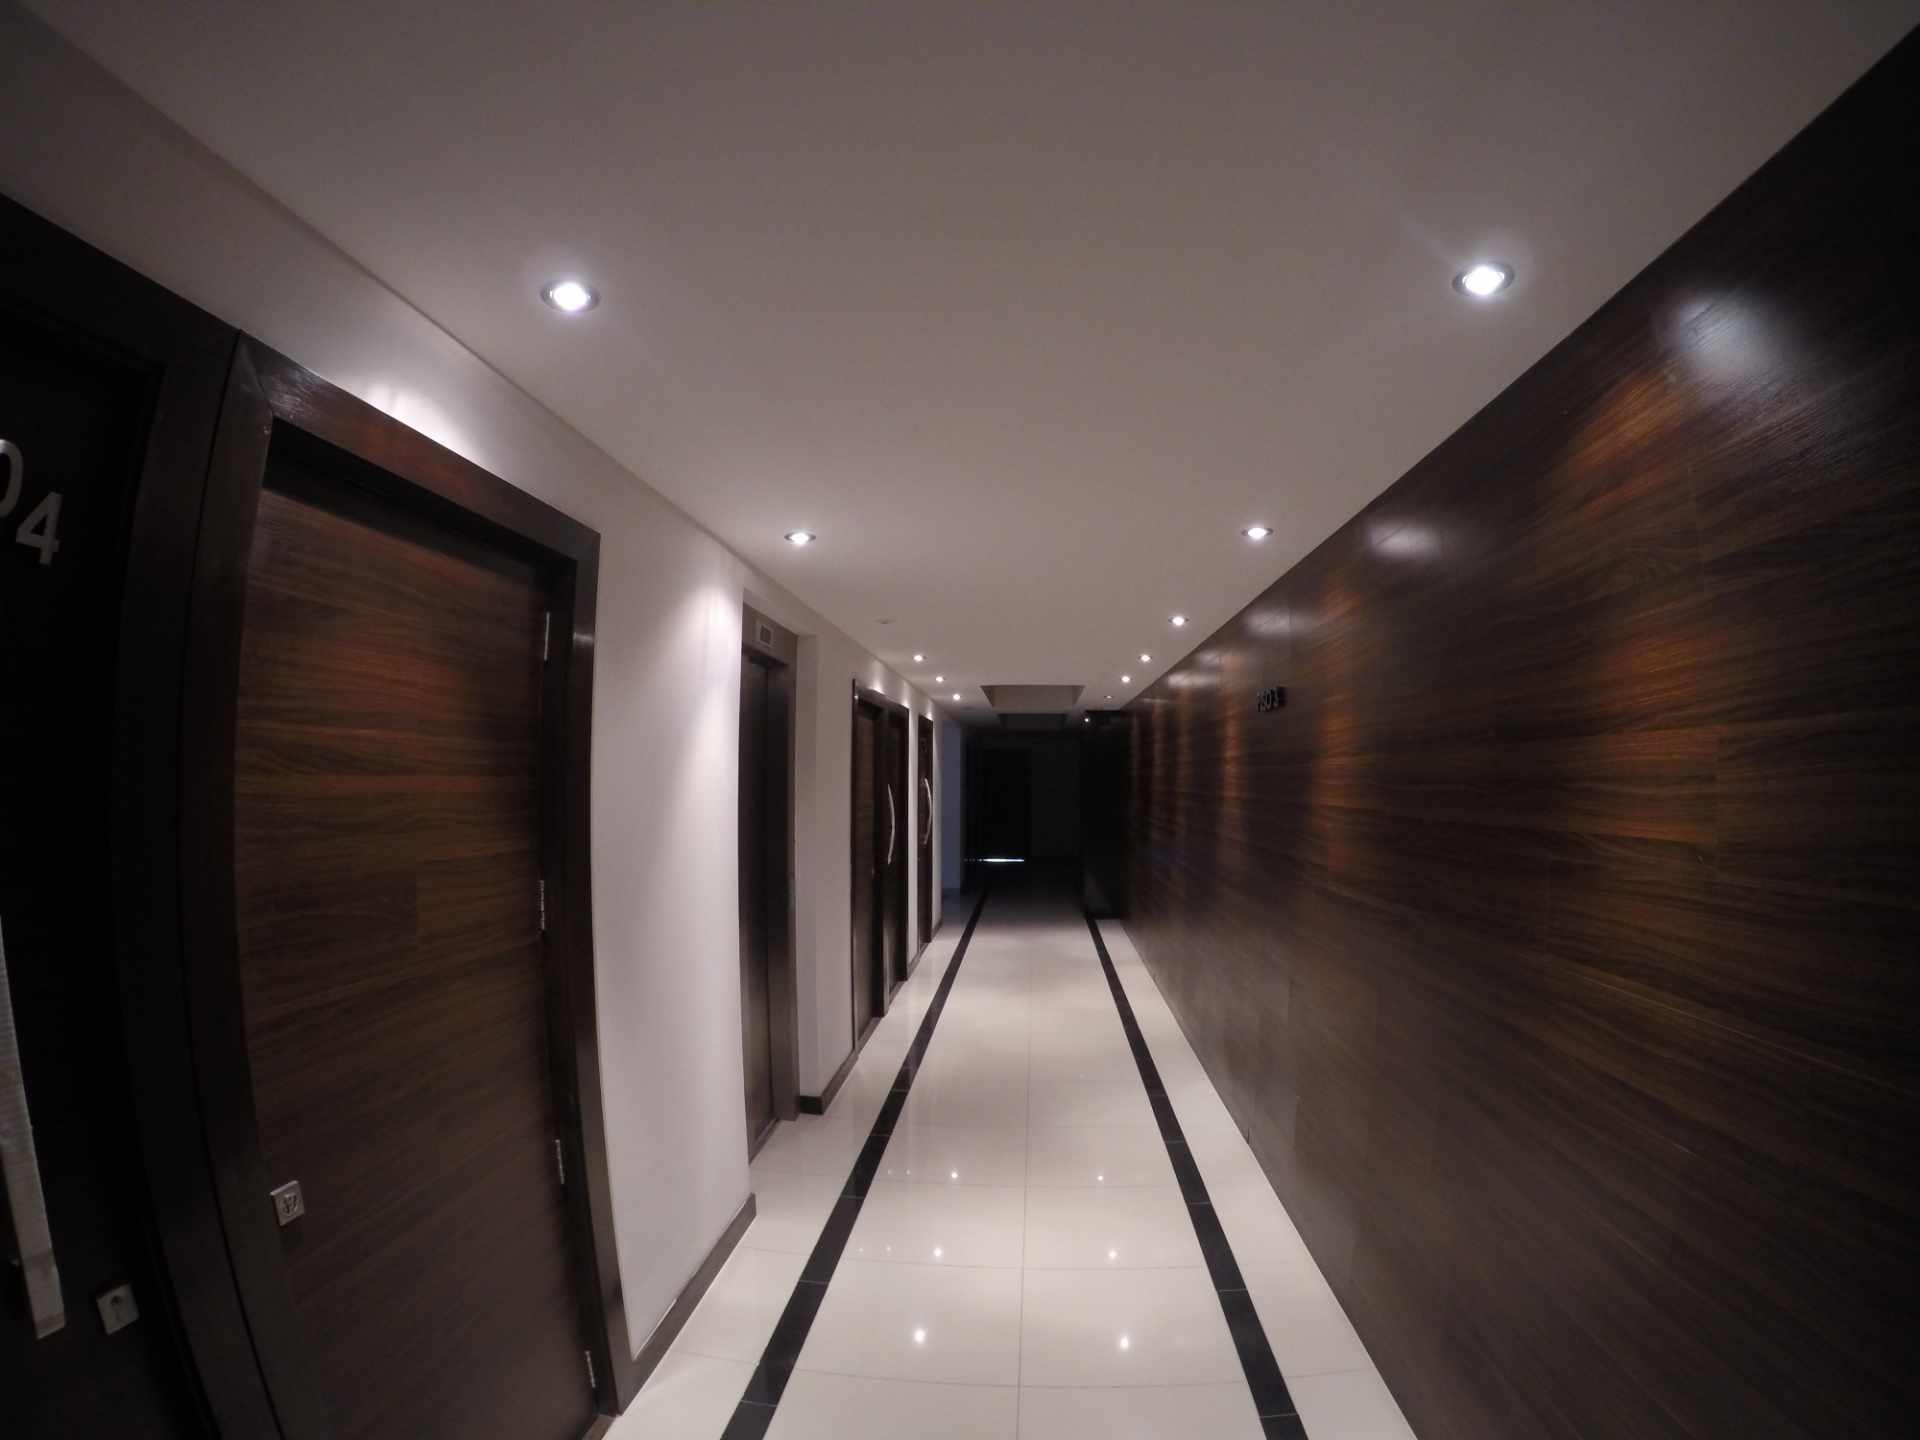 Departamento en Alquiler Condominio Onix [Equipetrol Norte], Departamento monoambiente full amoblado de lujo en alquiler, con parqueo techado. [600$us., expensas incluidas] Foto 8